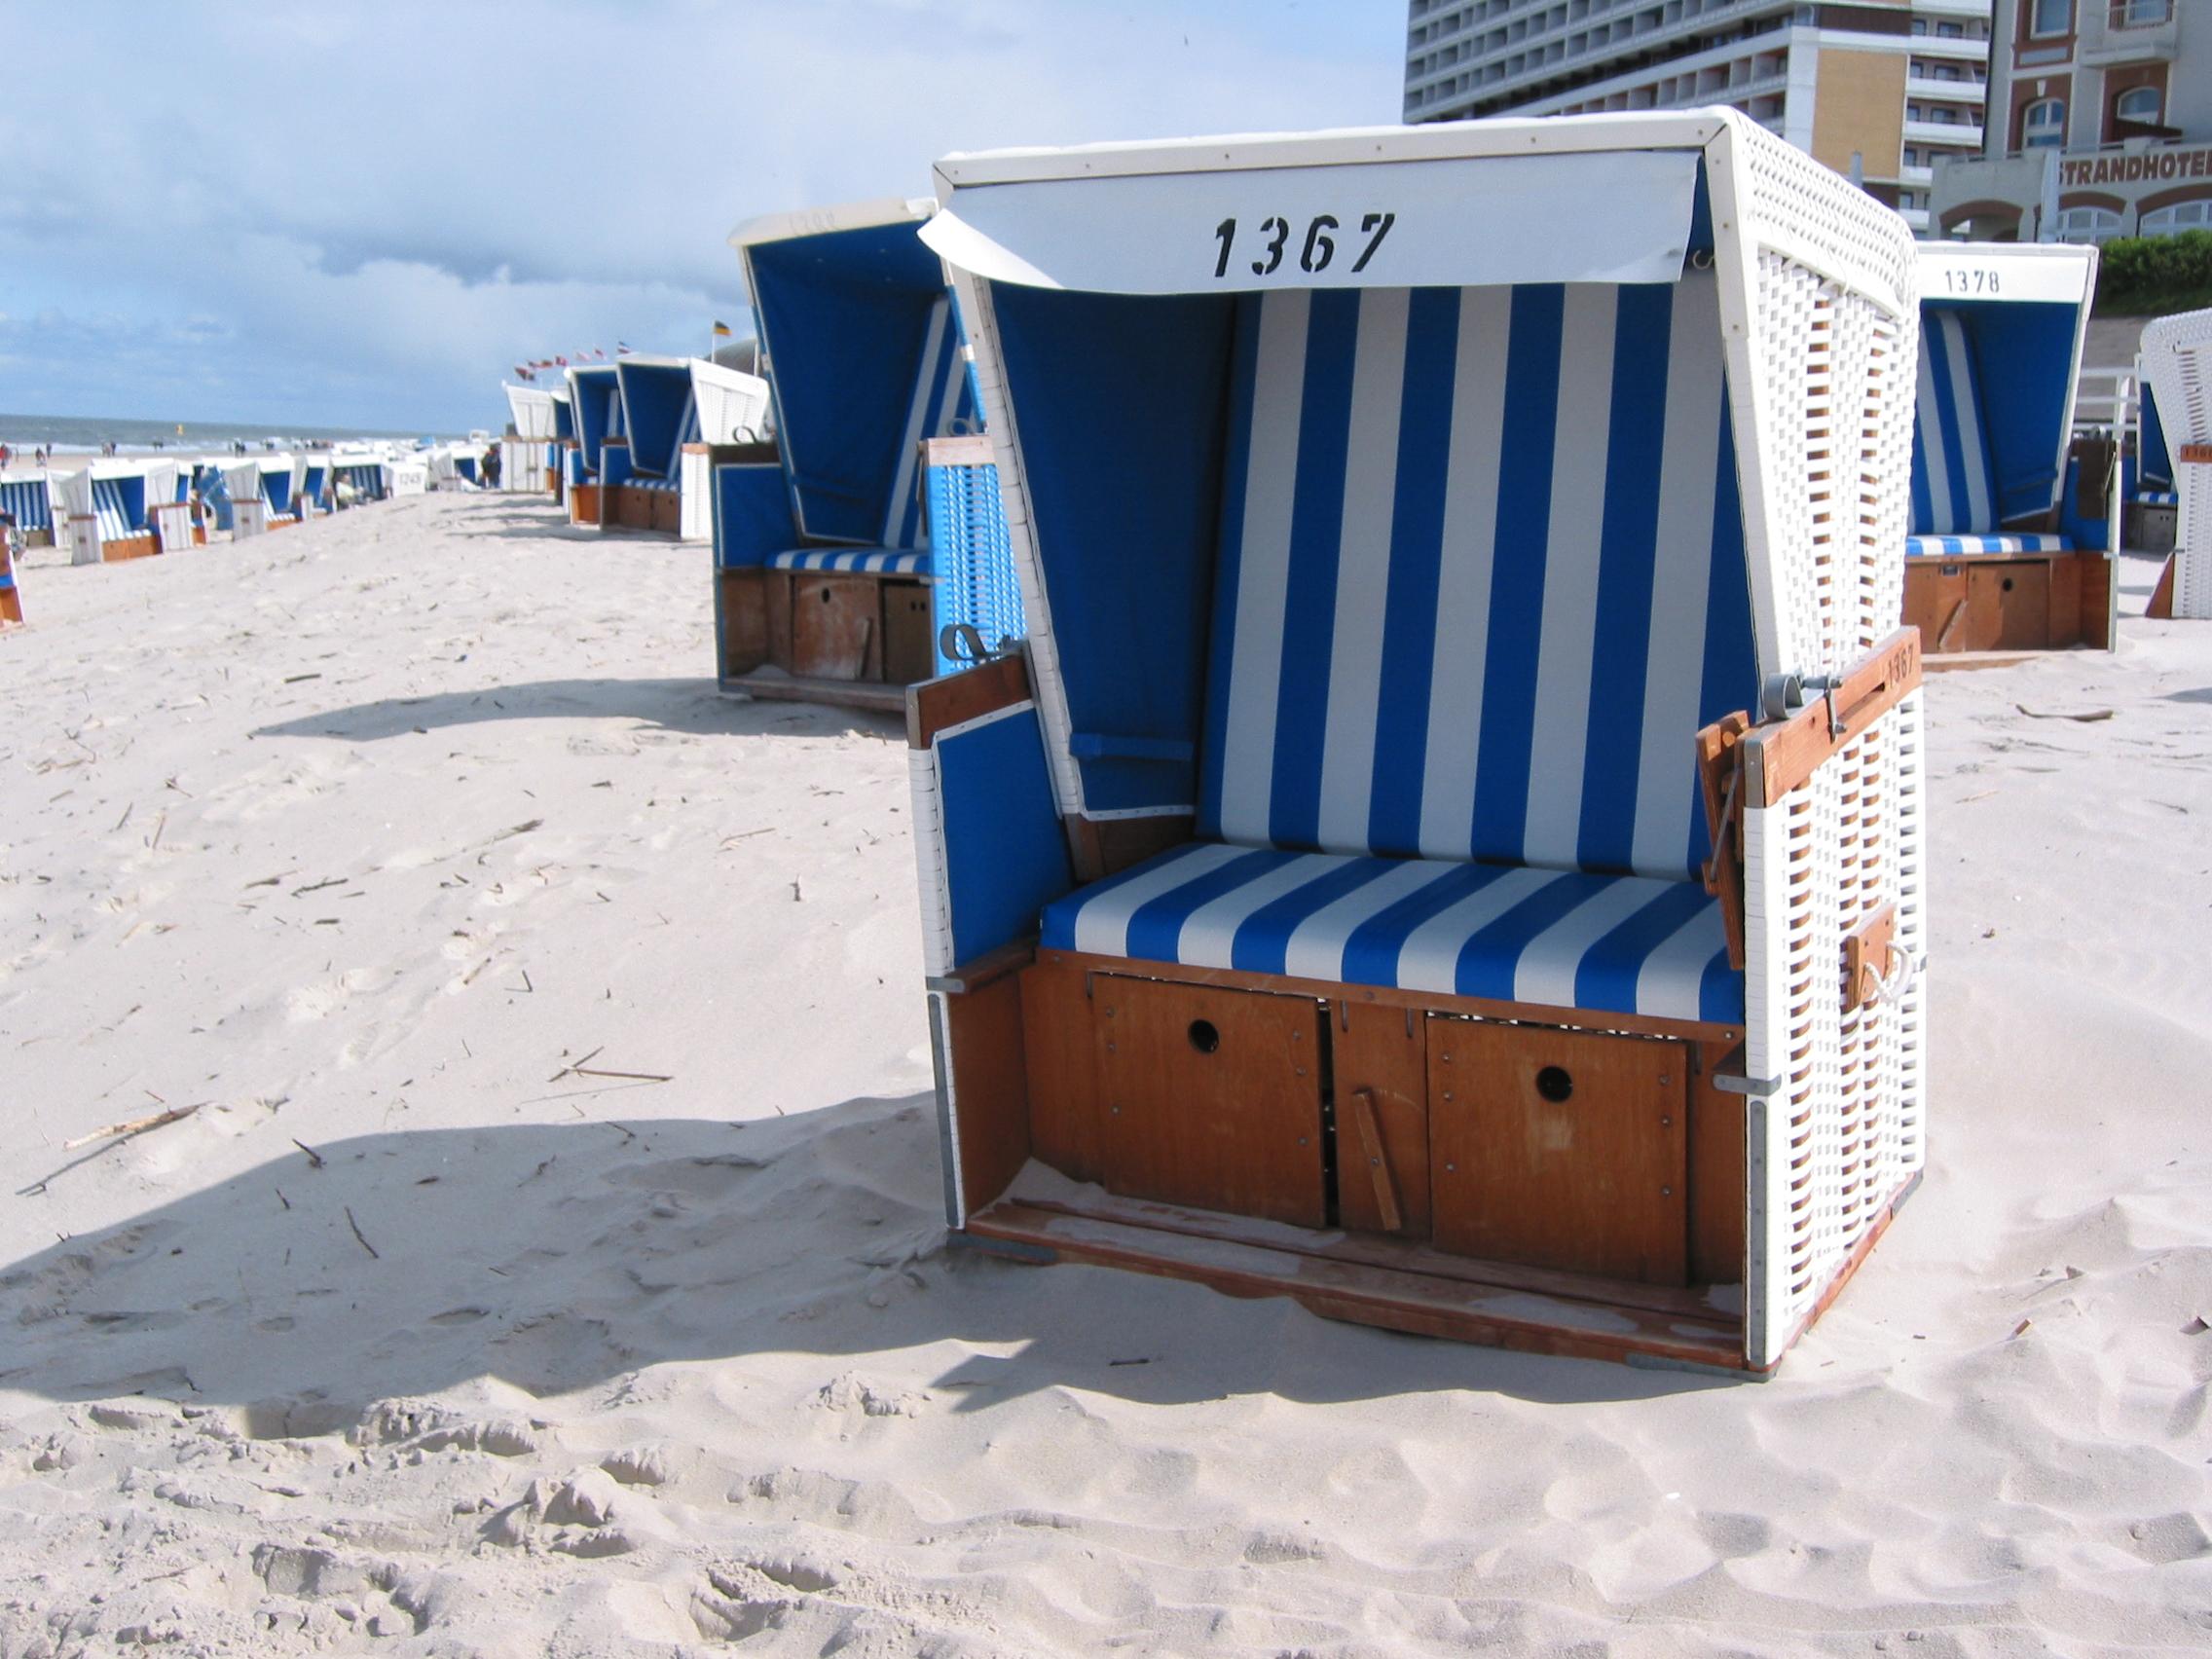 Der-Strandkorb-eine-geniale-deutsche-Erfindung-Wissenswertes-und-interessante-Fakten